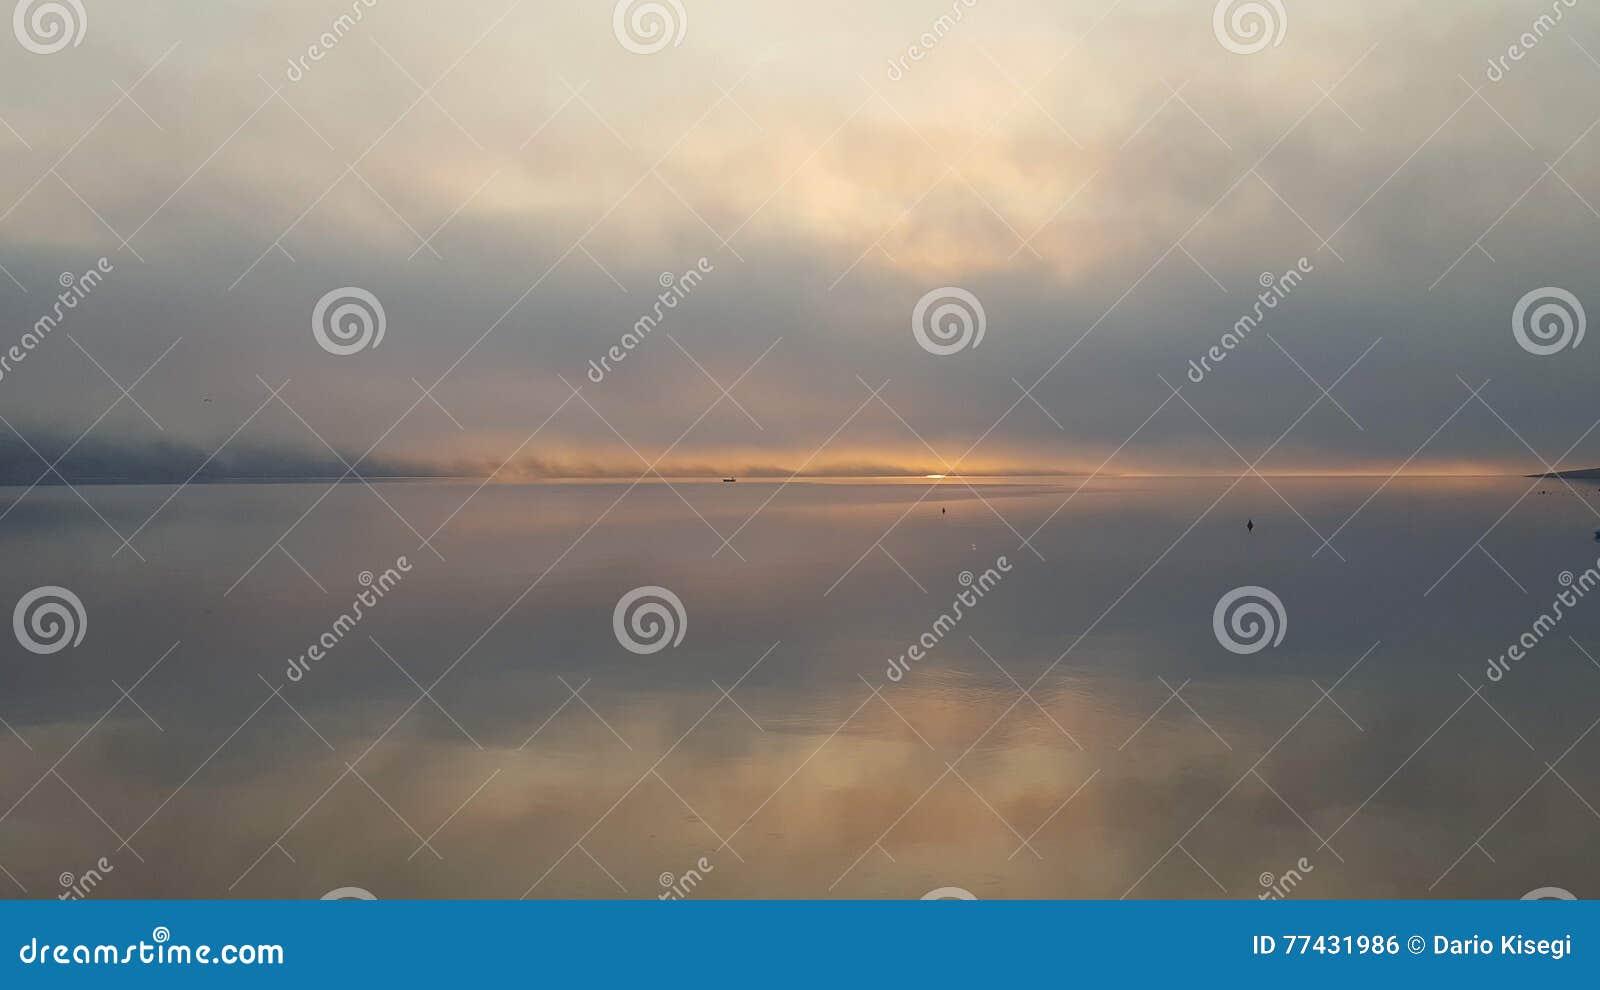 Morning fog in novalja